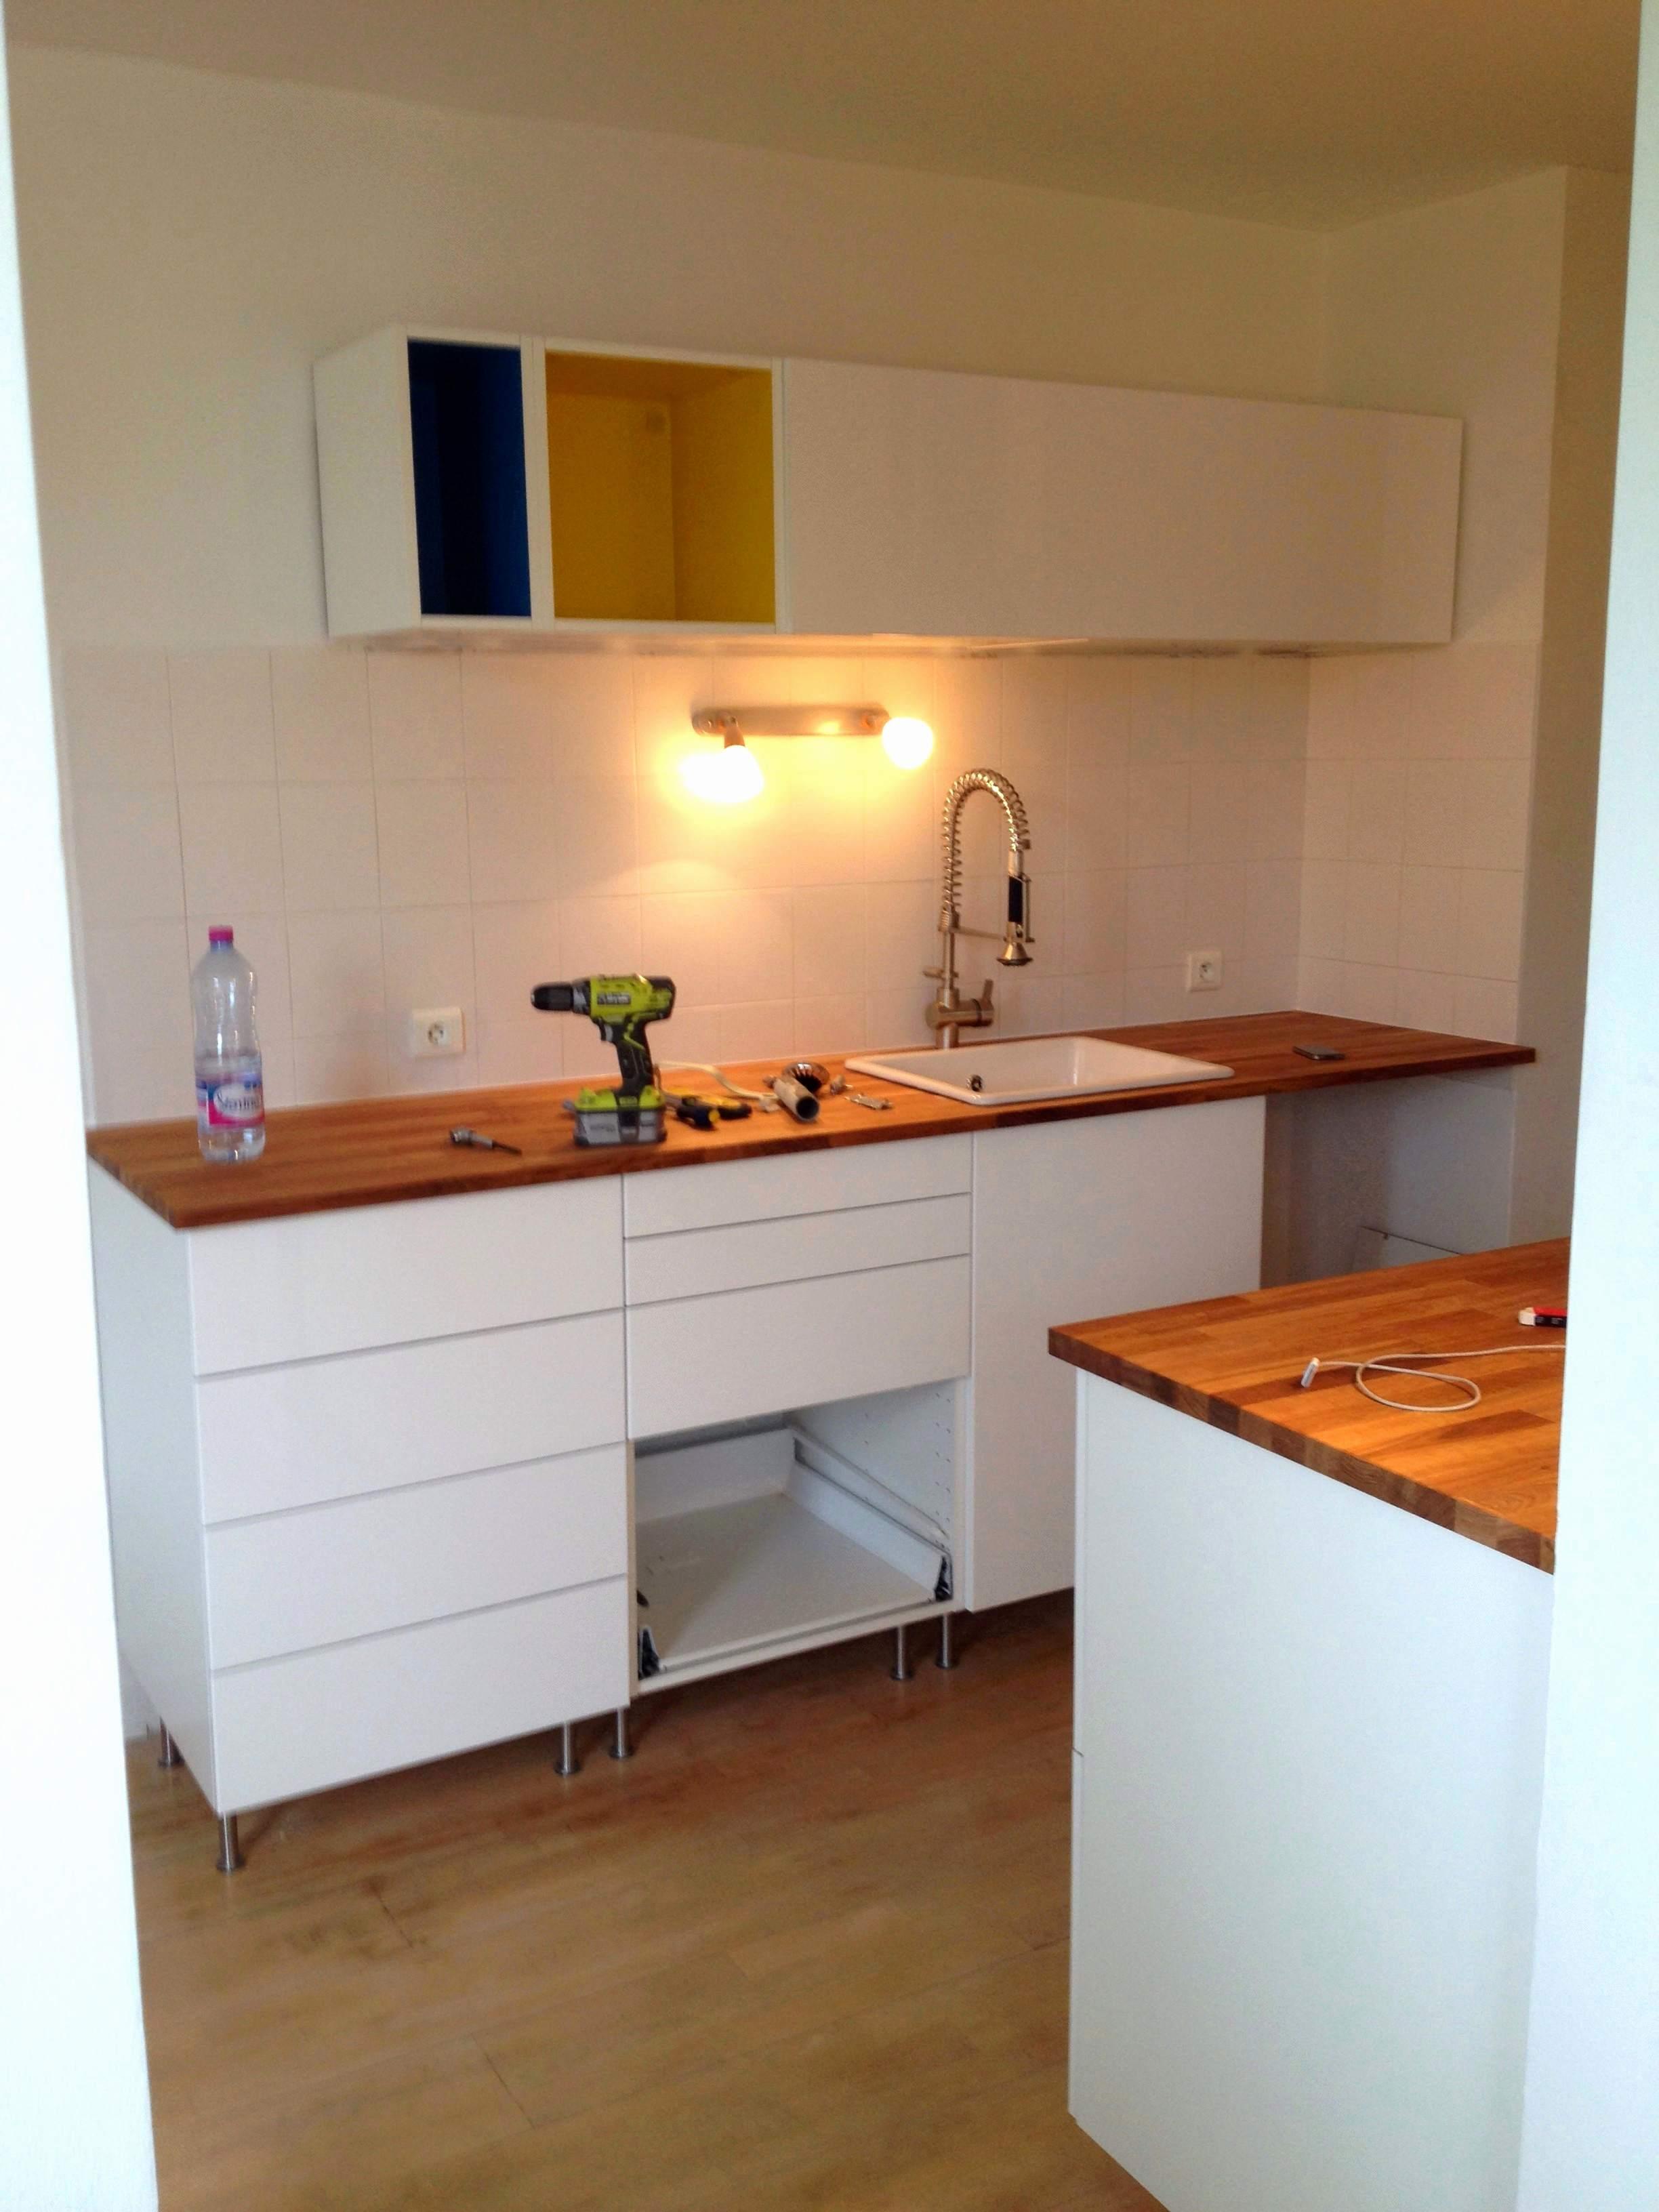 Meuble Cuisine Ikea Faktum Occasion Atwebster Fr Maison Et Mobilier